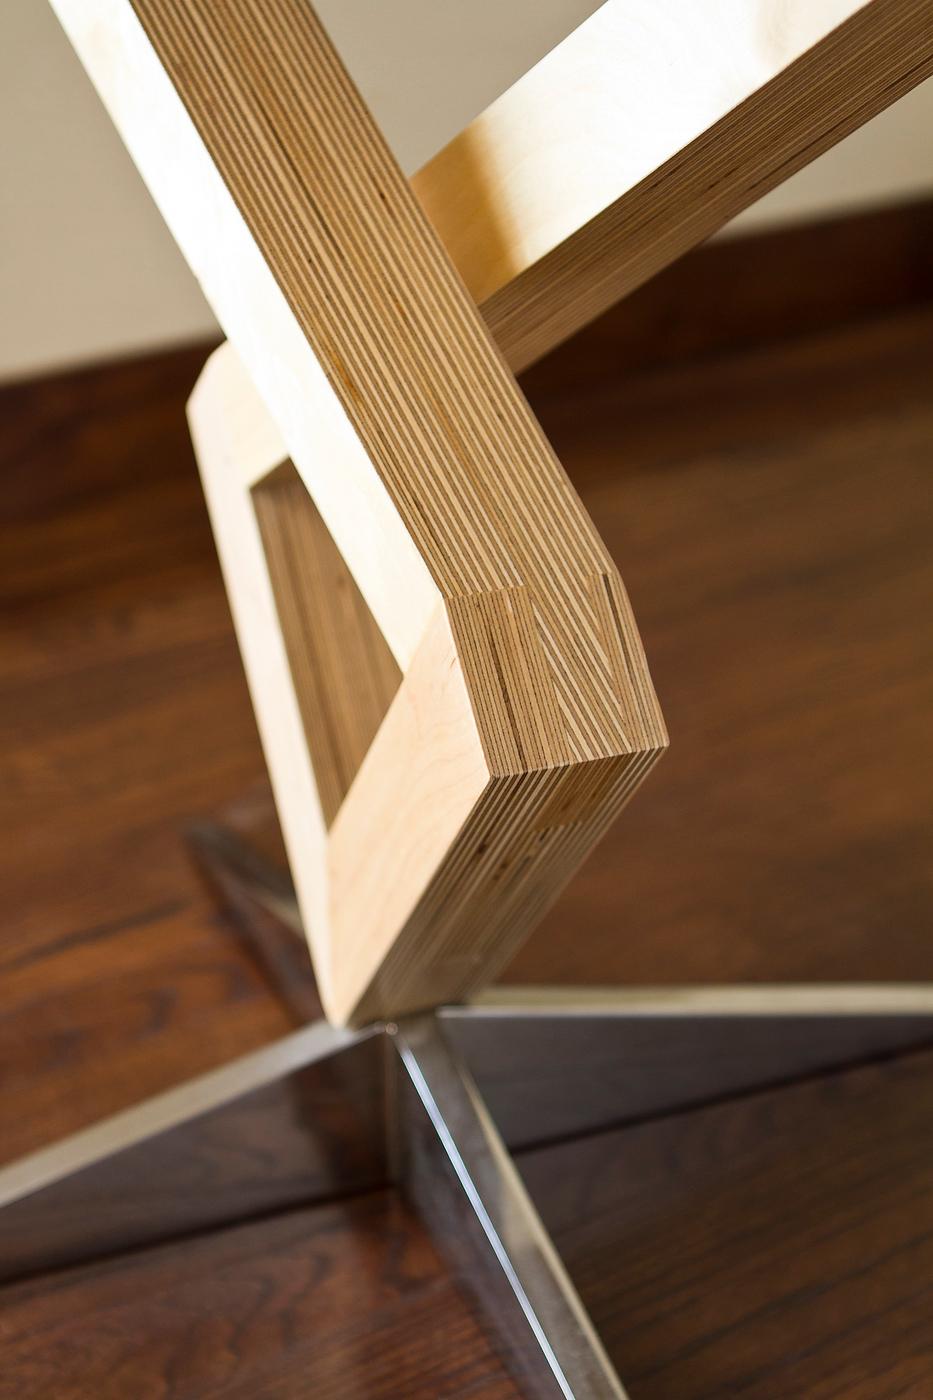 furniture-chair-table-05.jpg